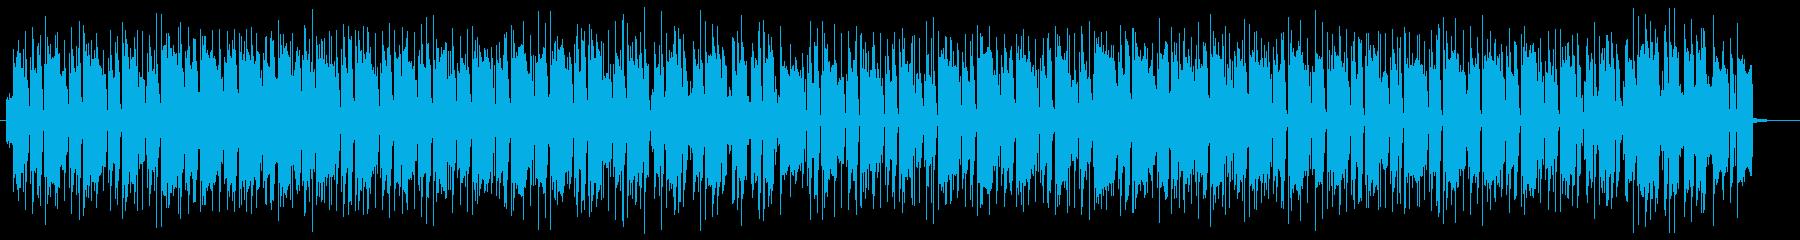 コミカルで軽やかなミュージックの再生済みの波形